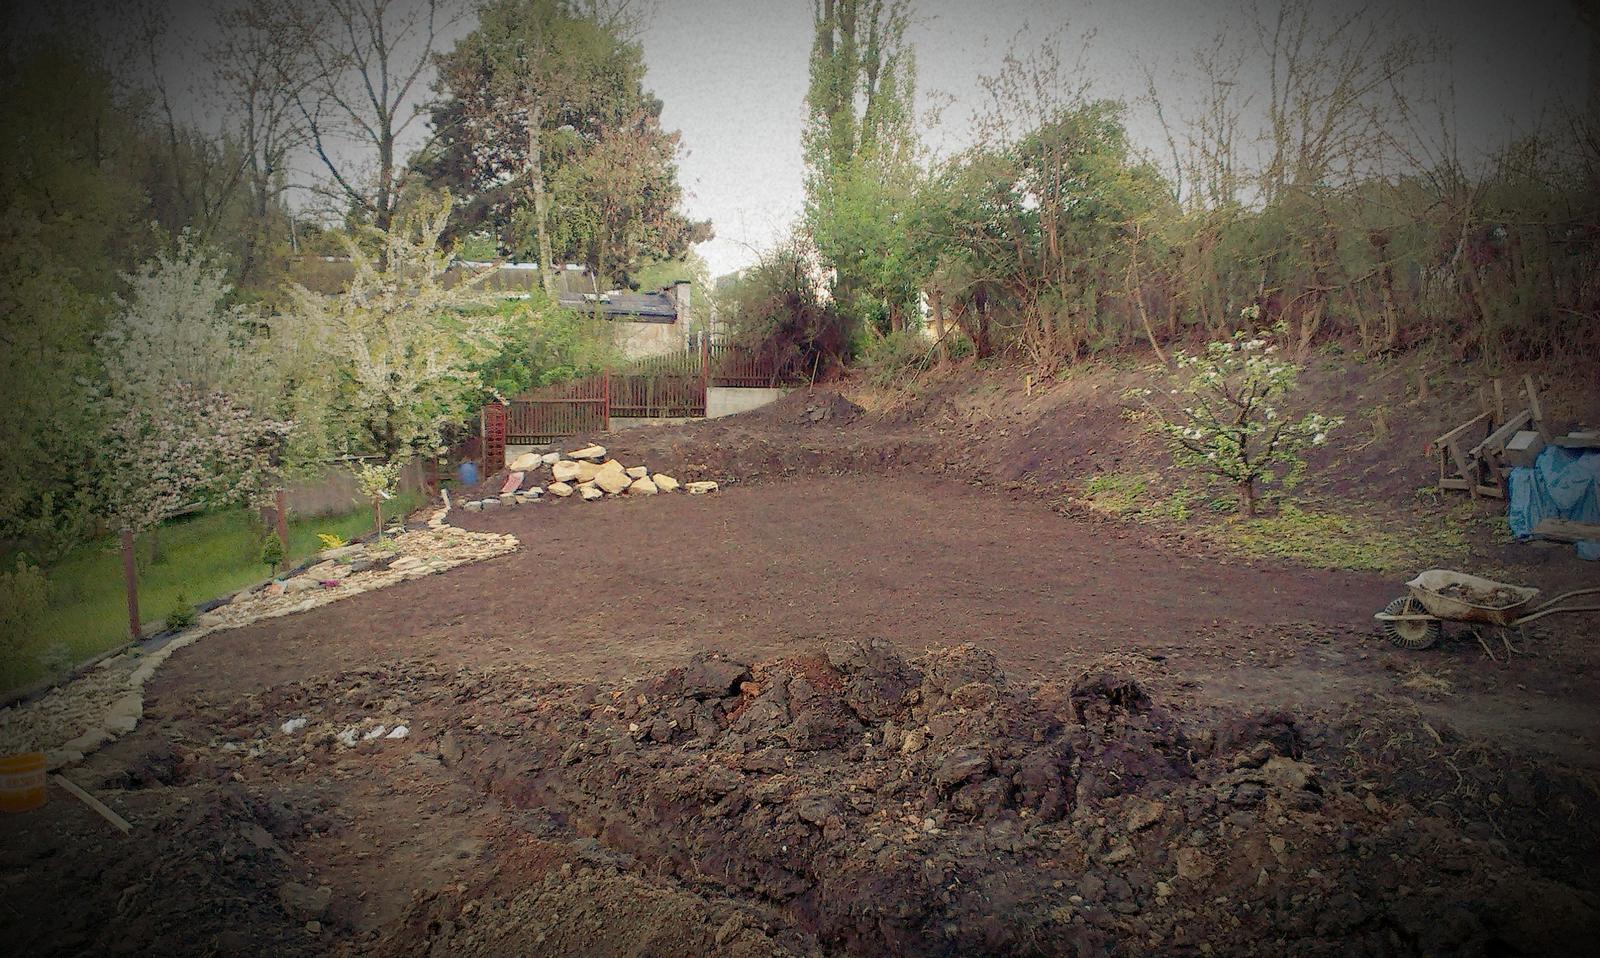 Záhrada - priprava na travu - vyhrabavanie, zber kamenov a vsetkeho bordelu na zahrade